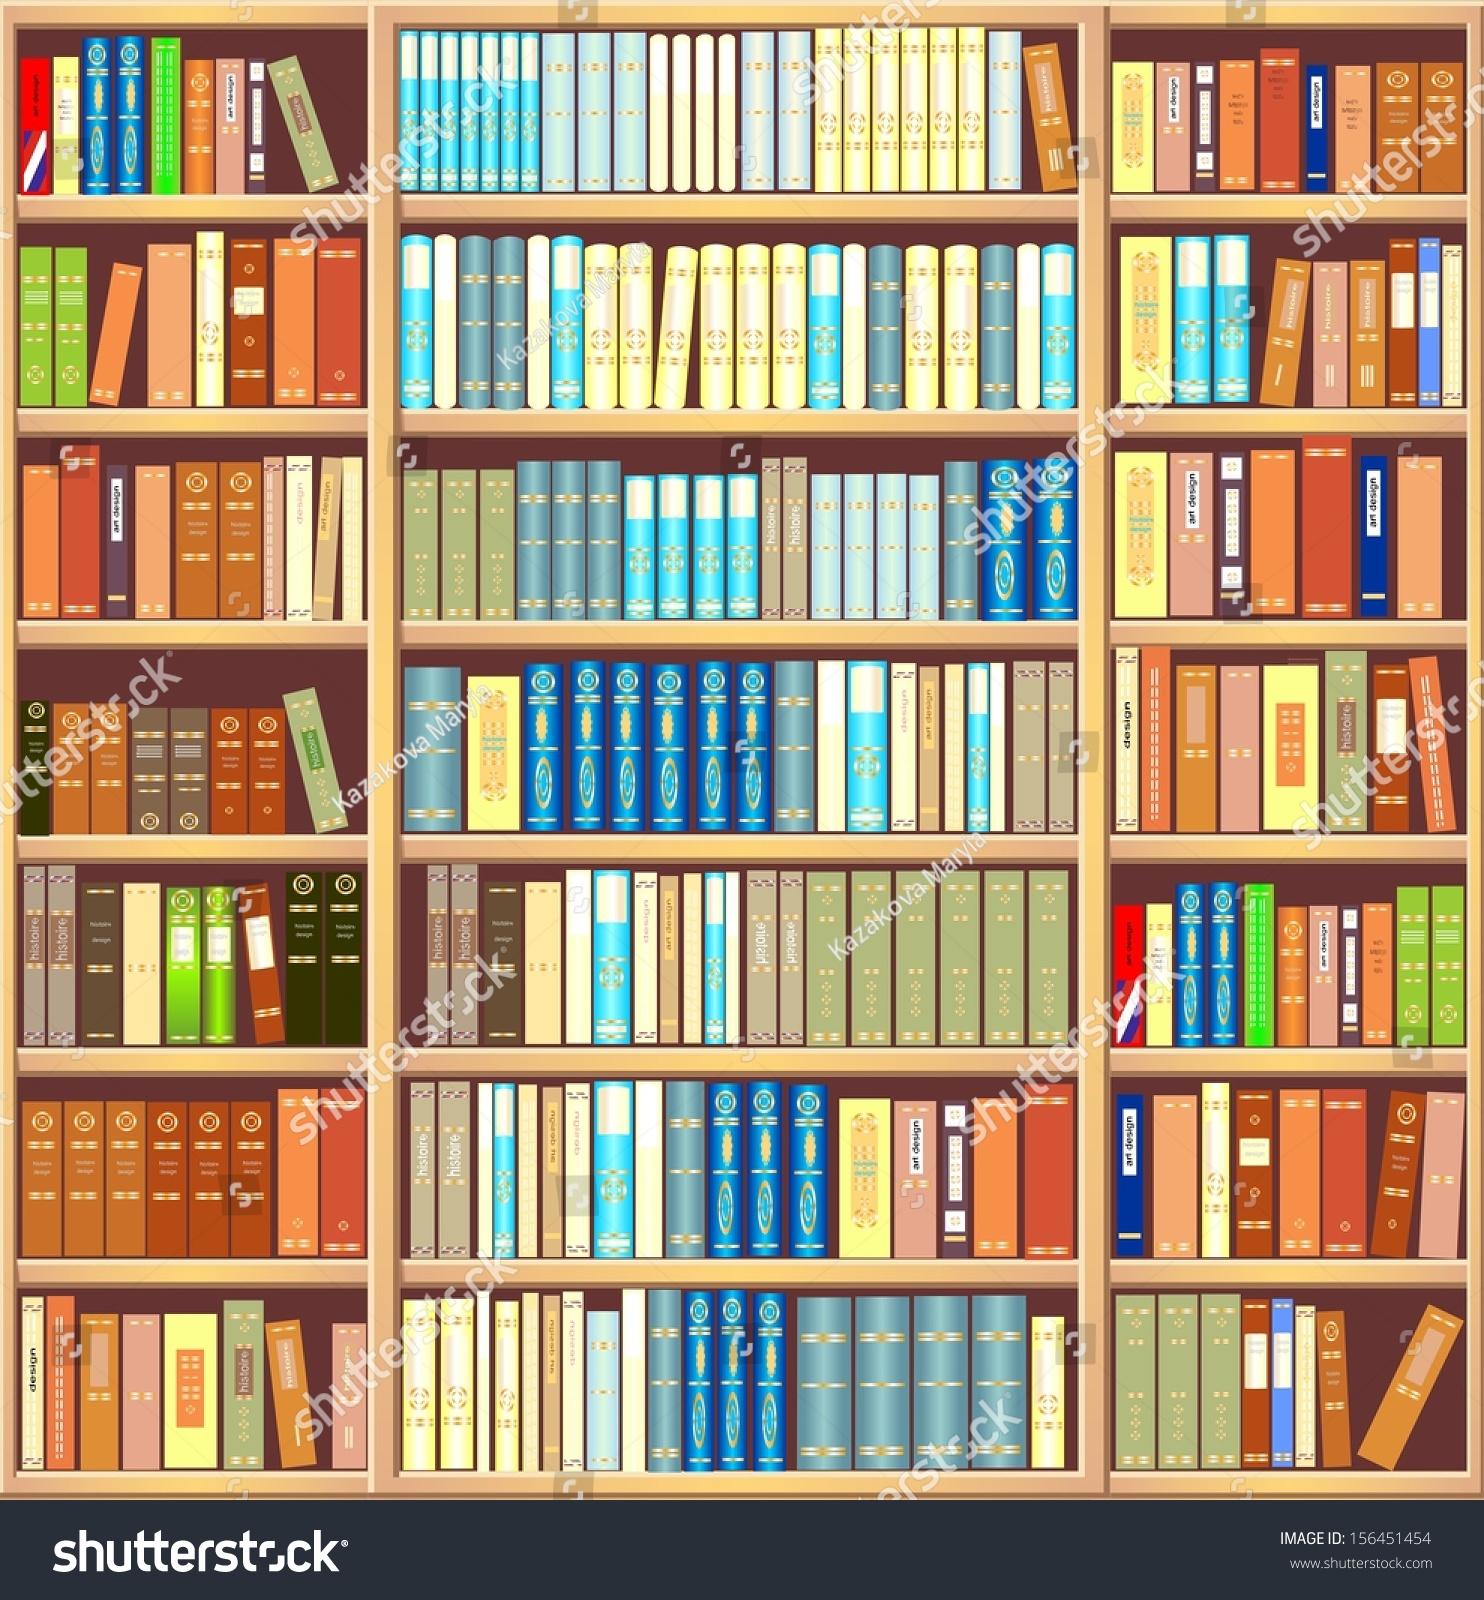 Книжный шкаф, полный книг.